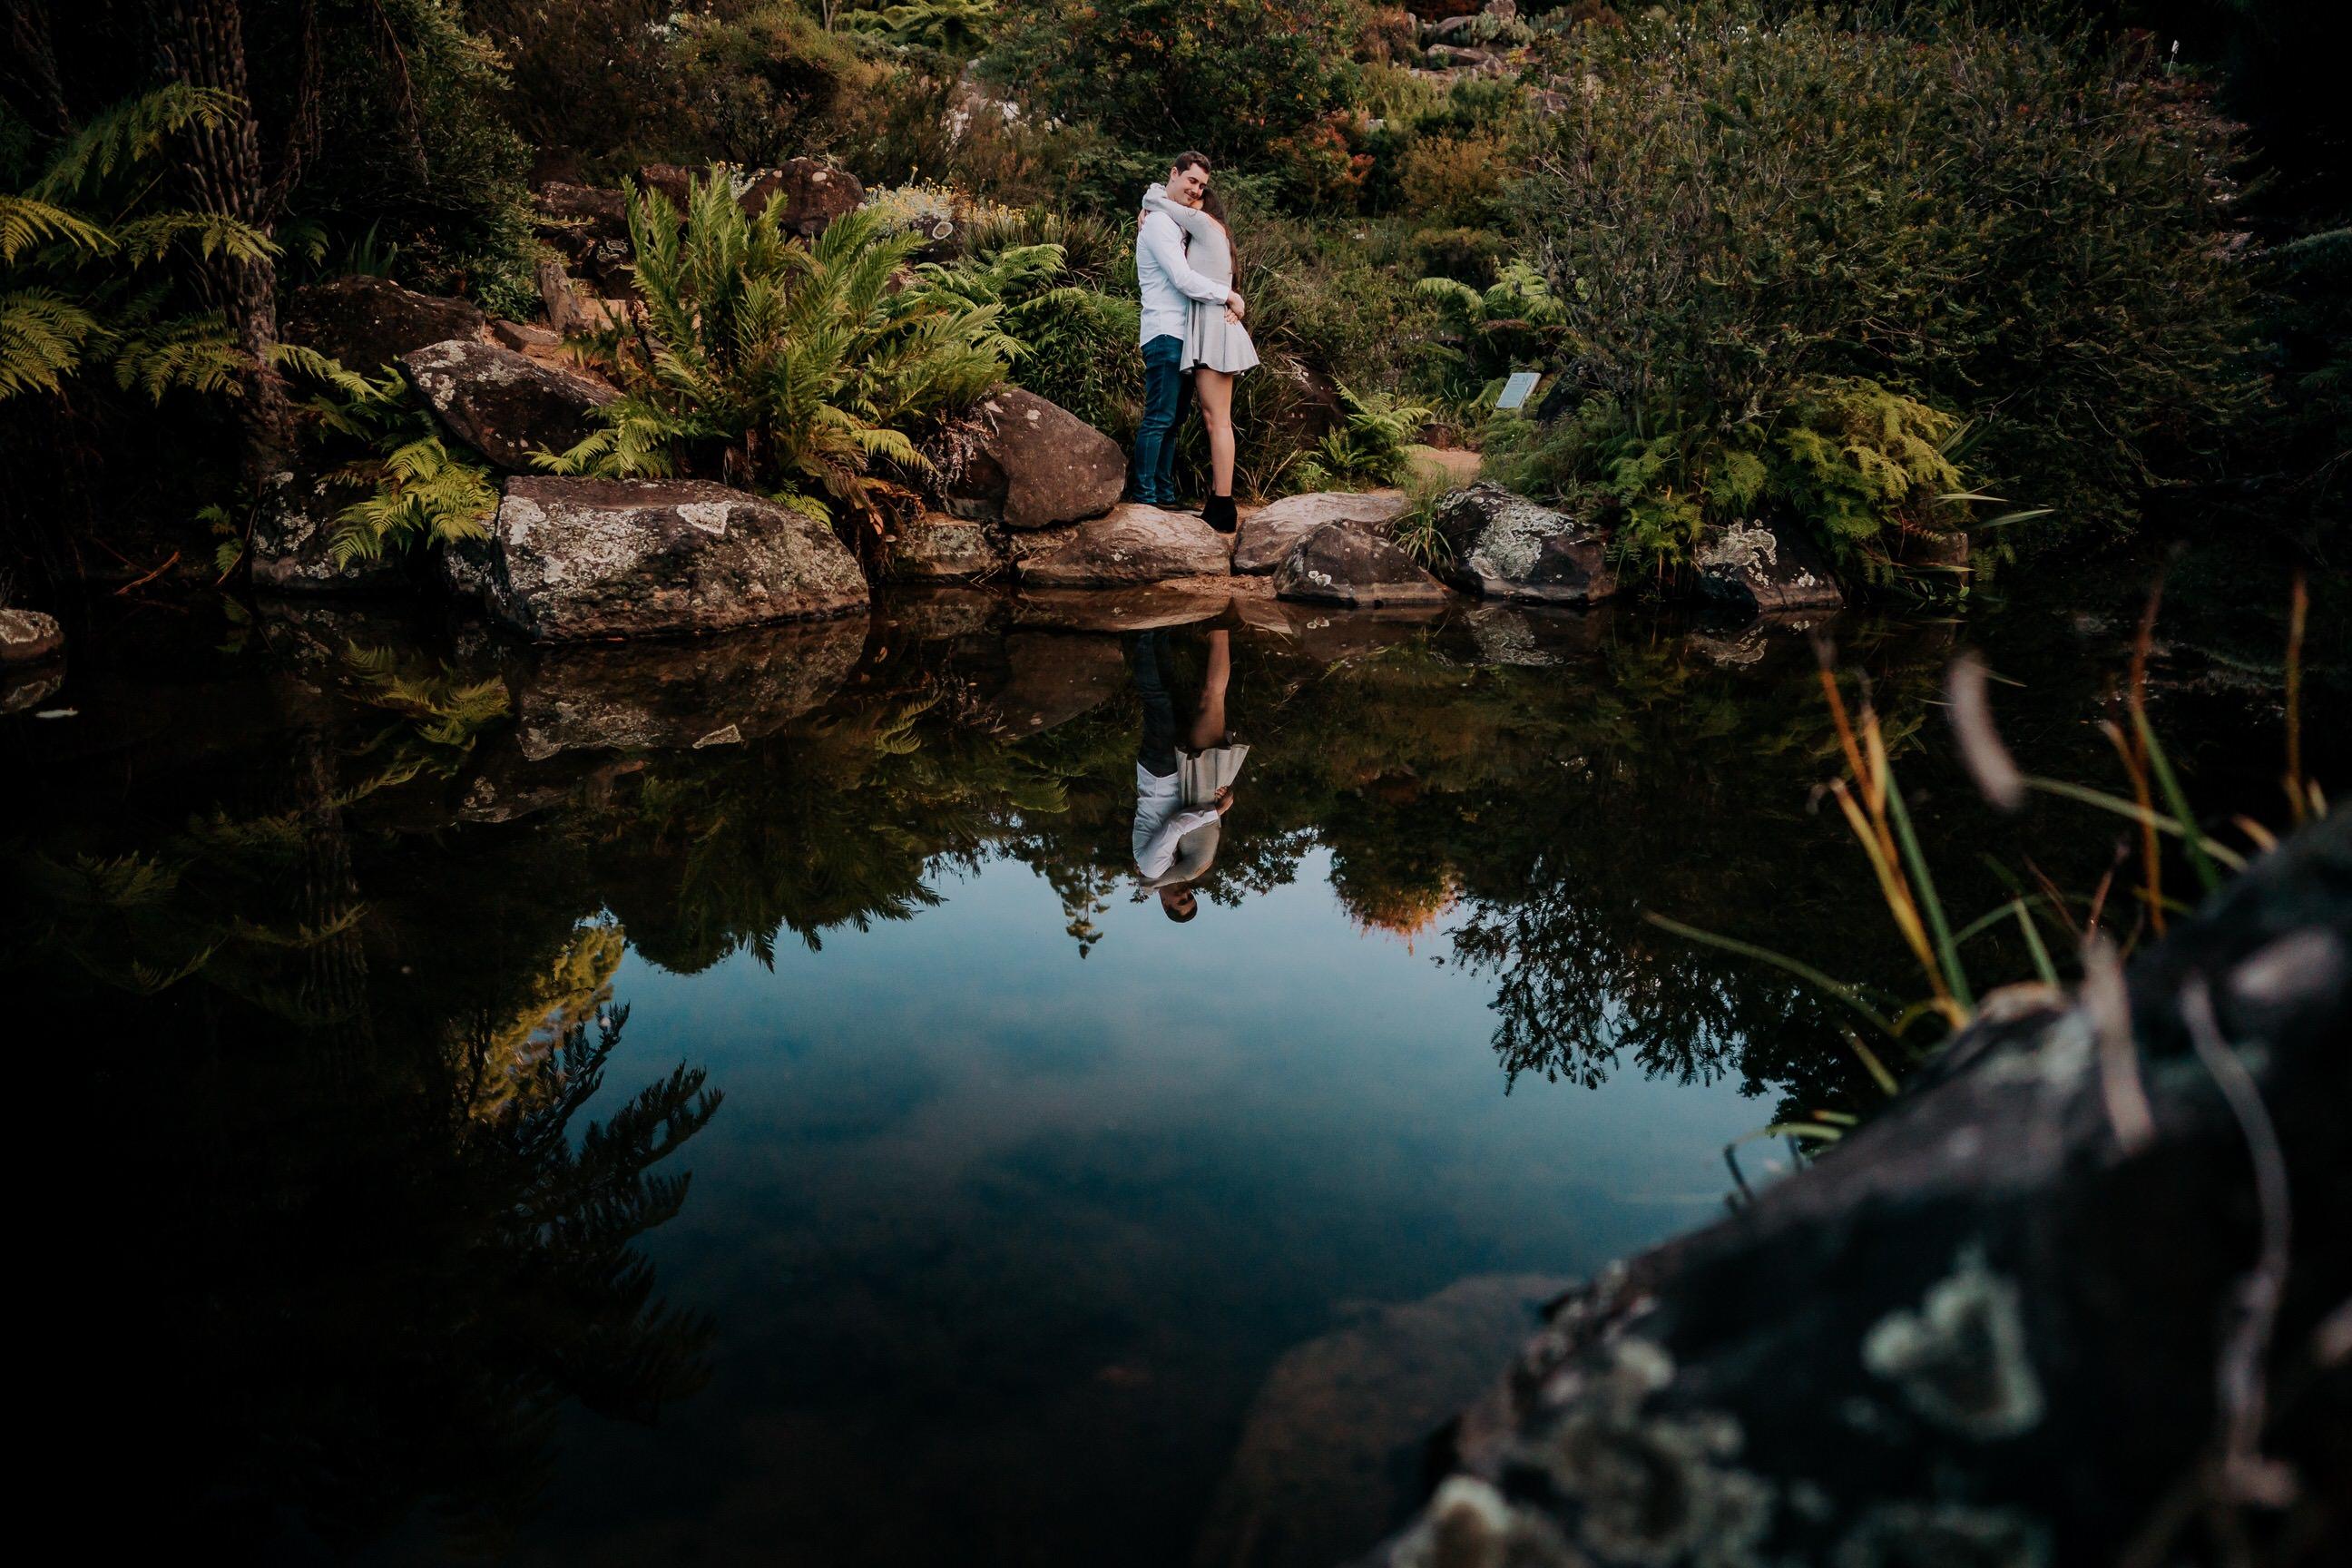 ava-me-photography-mikaela-jesse-mt-tomah-blue-mountains-botanic-gardens-engagement-21